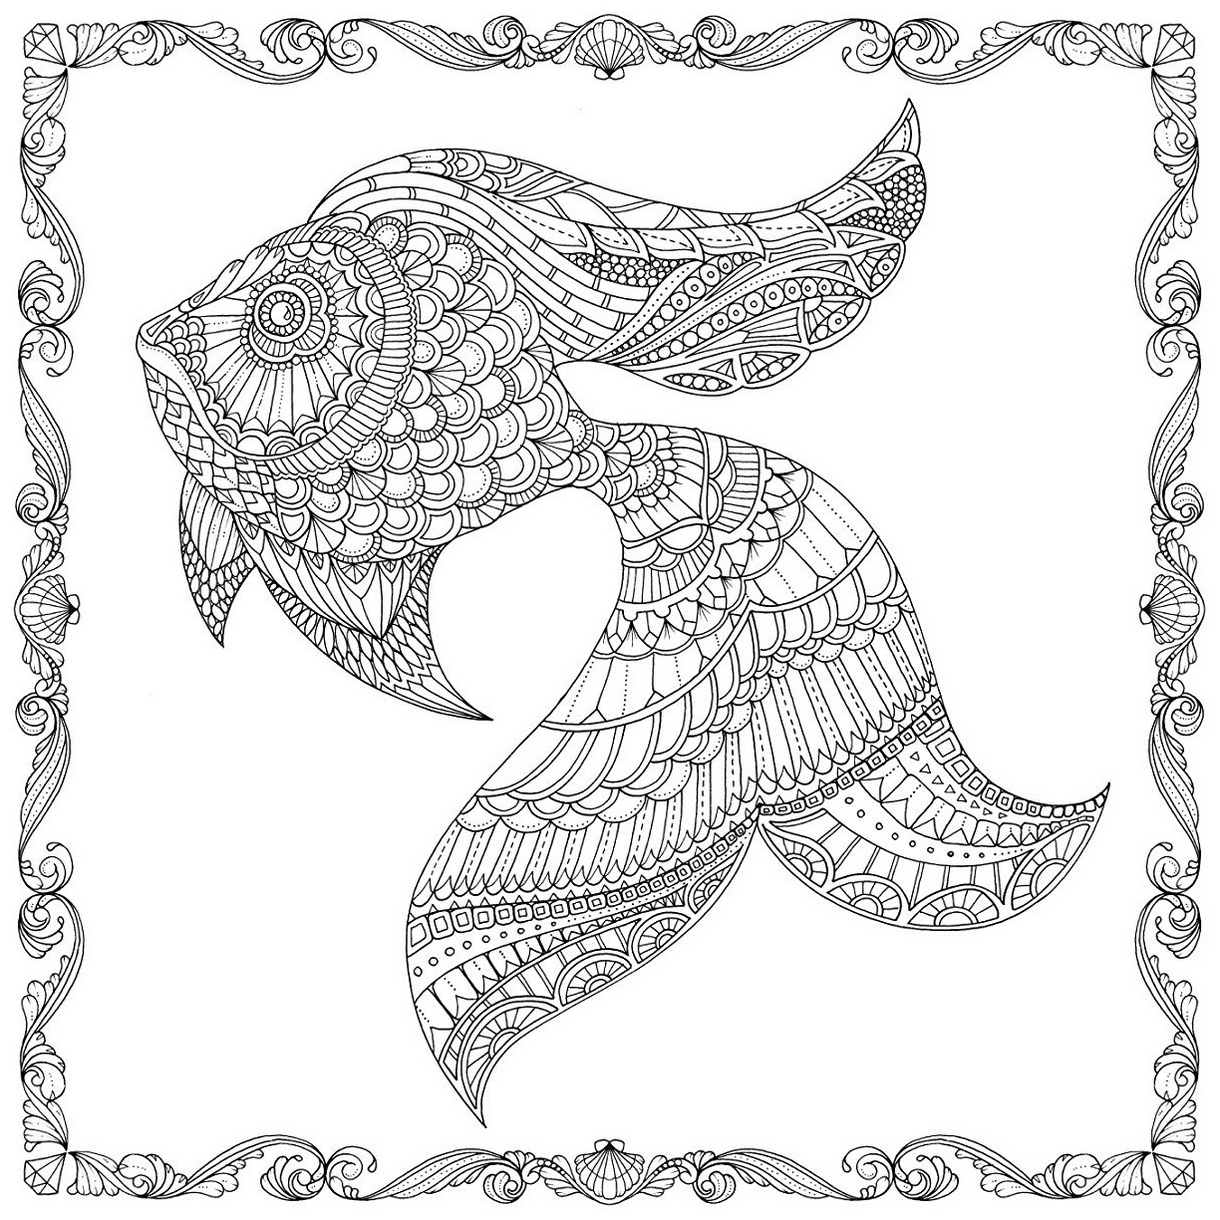 lost-ocean-fish-coloring-sheet